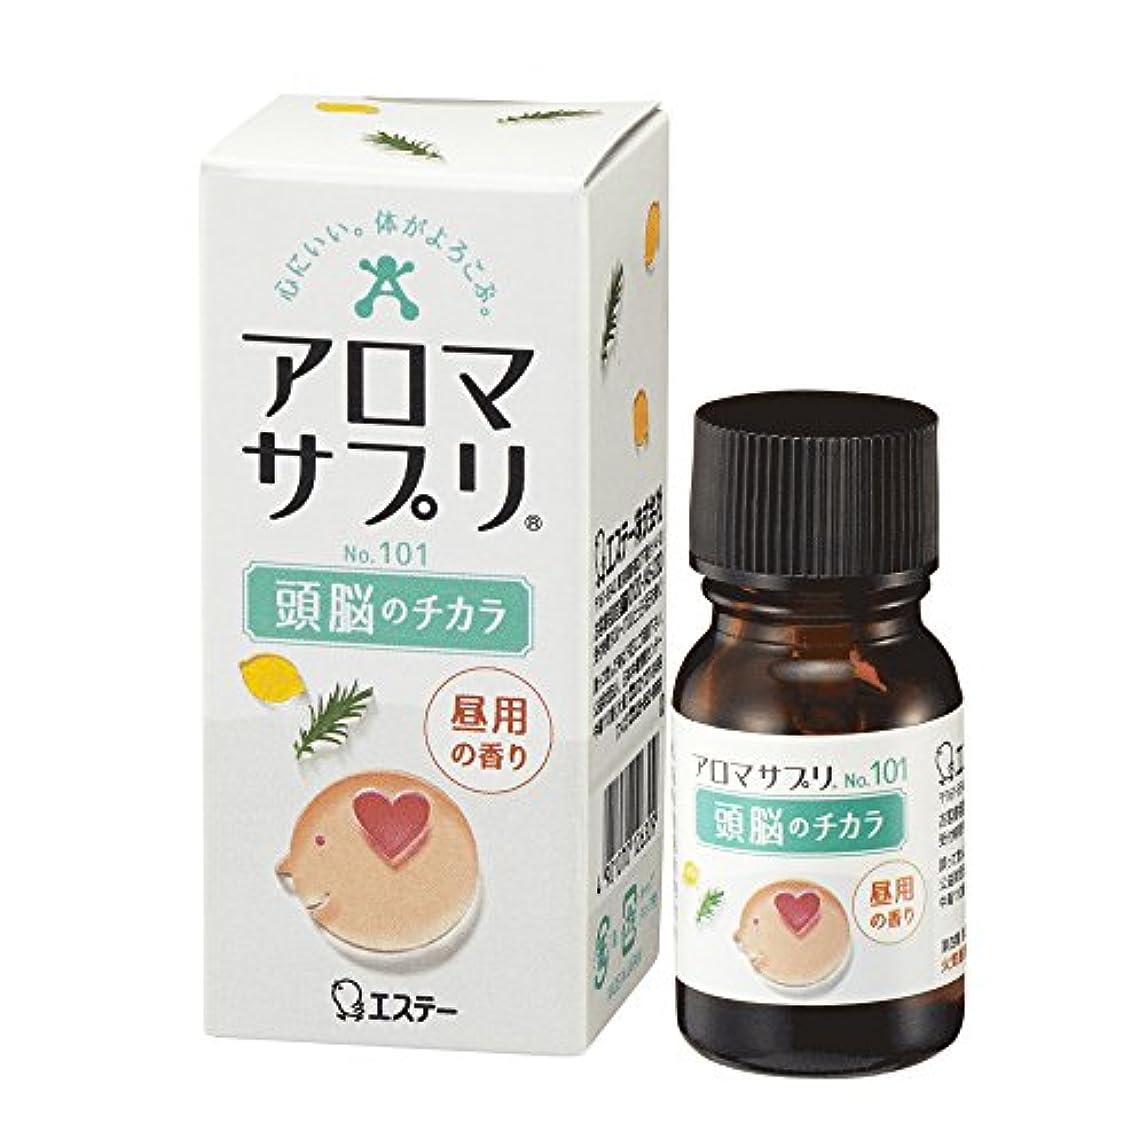 ファブリック呪い陽気なアロマサプリ 100%天然ブレンドアロマ 頭脳のチカラ 昼用の香り ローズマリーカンファー&レモン 10ml (約60回分)